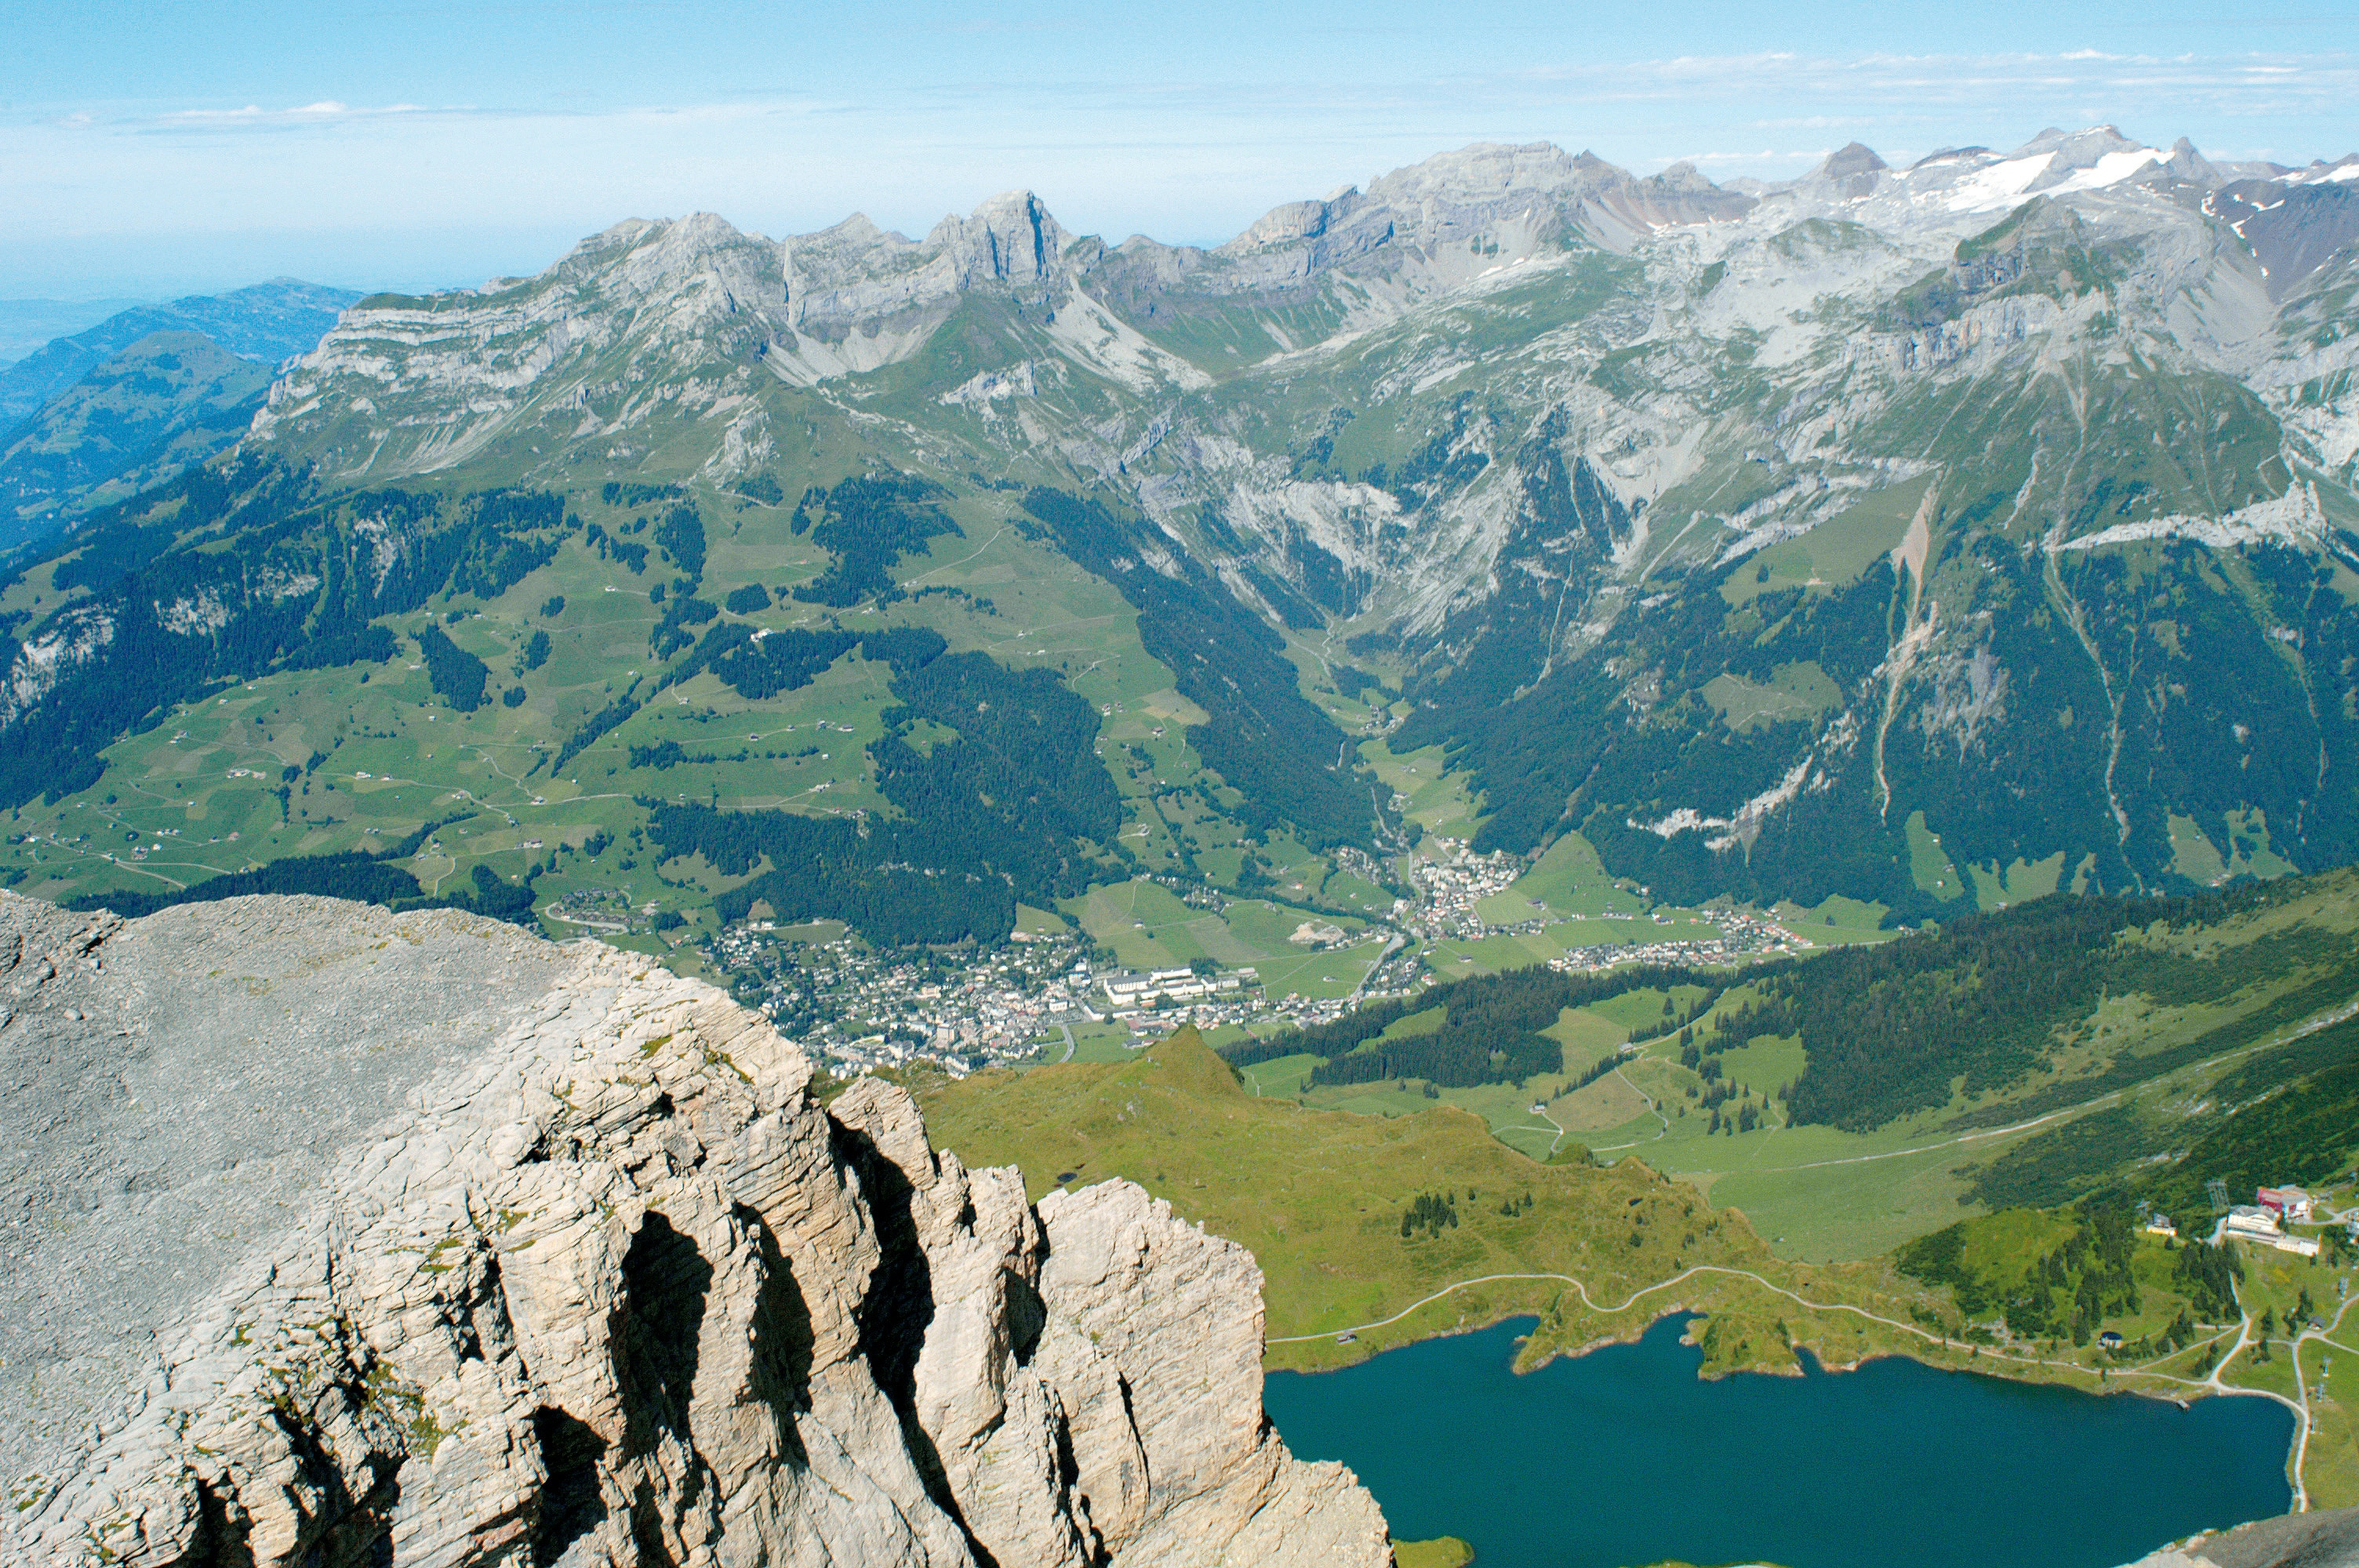 Klettersteig Graustock : Klettersteige klettersteig graustock km bergwelten